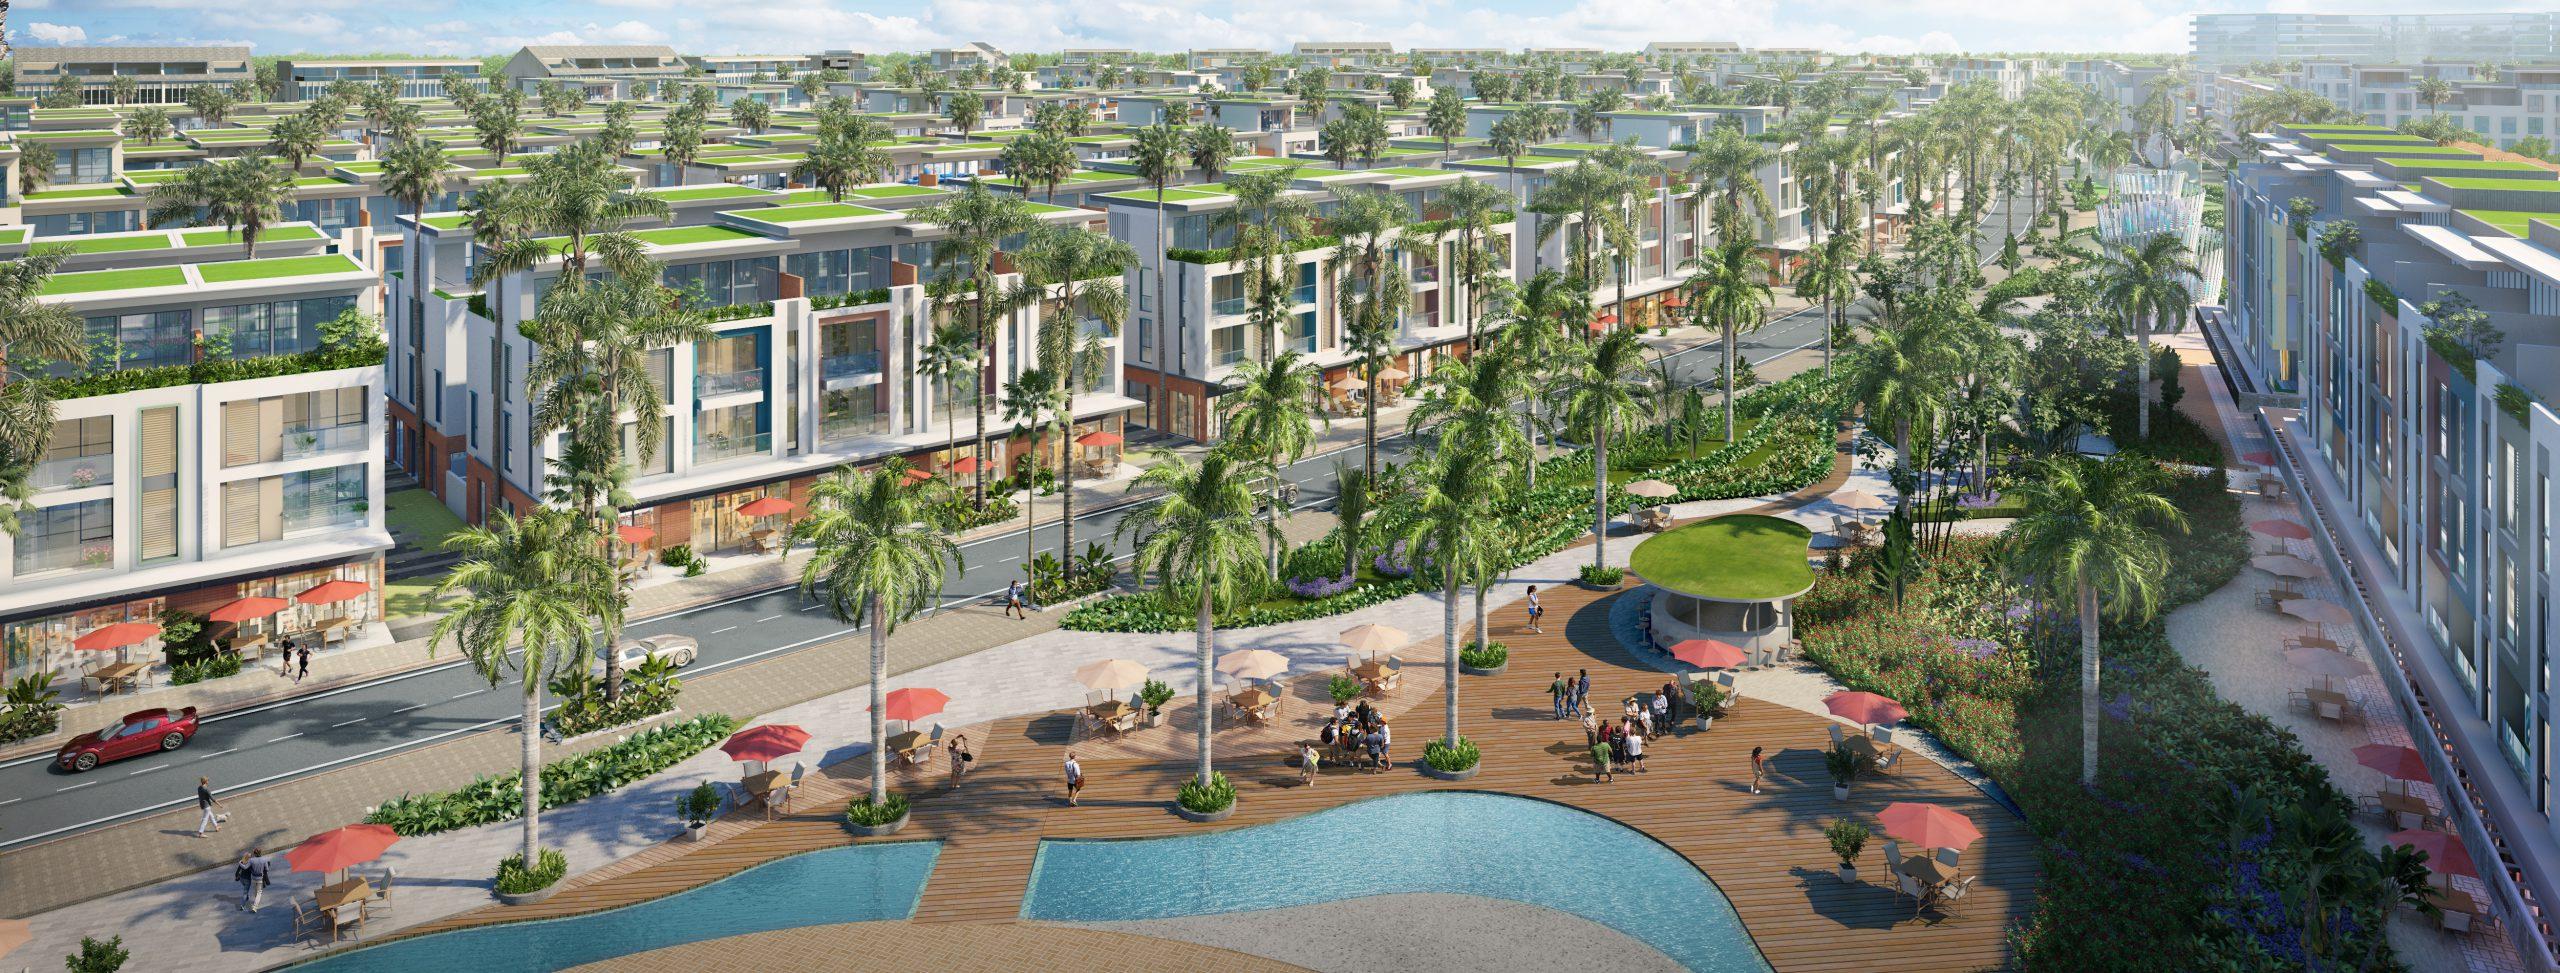 """Đâu là khu đô thị đầu tiên tại Phú Quốc đạt chuẩn """"Xanh – Thông minh – Sinh  thái""""? » Thông tin Dự án"""